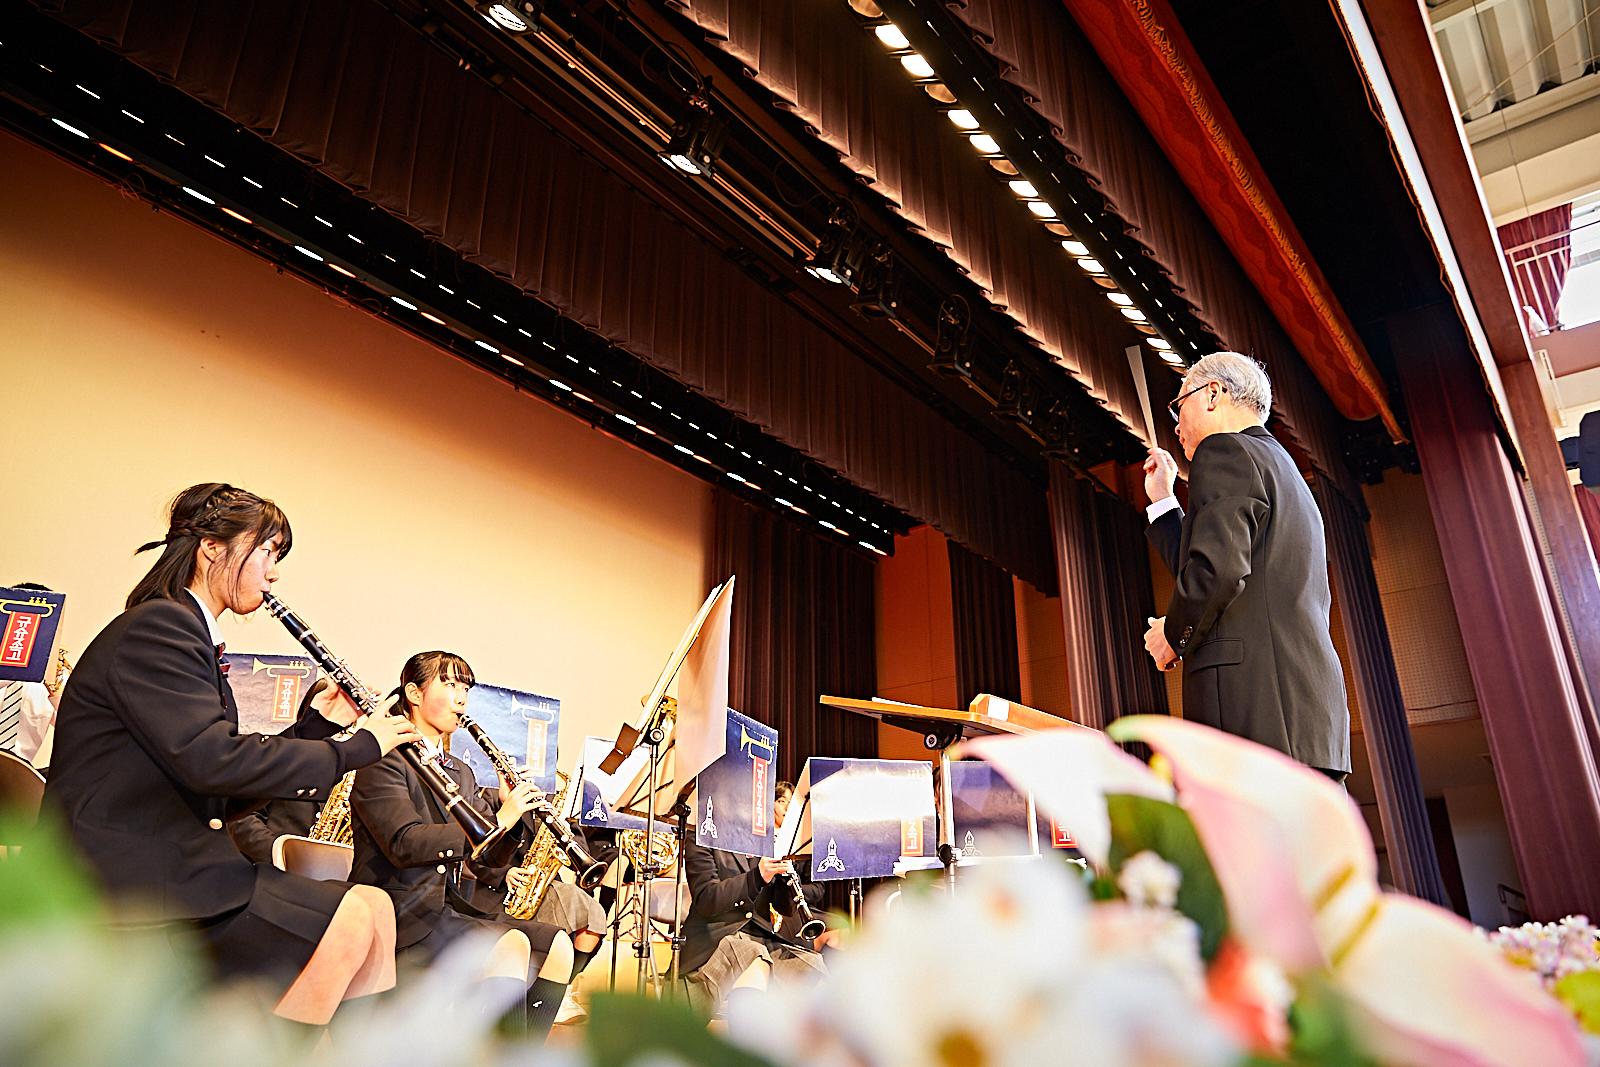 吹奏楽部発表会のイメージ